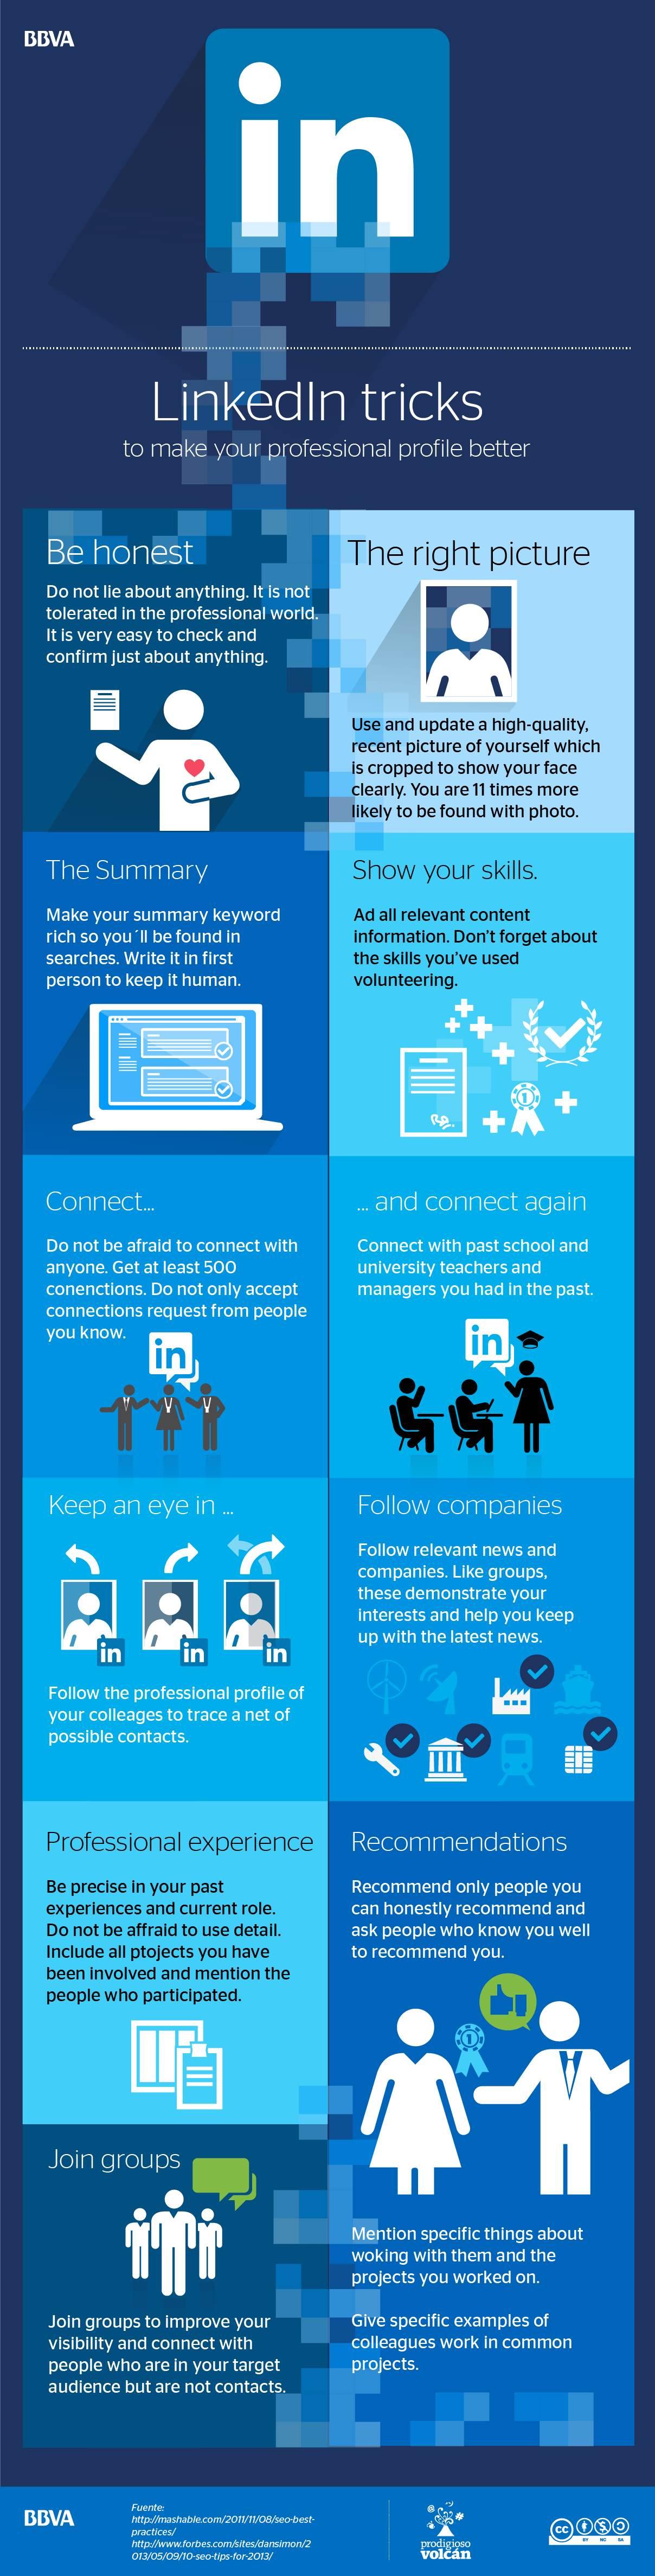 LinkedIn tricks